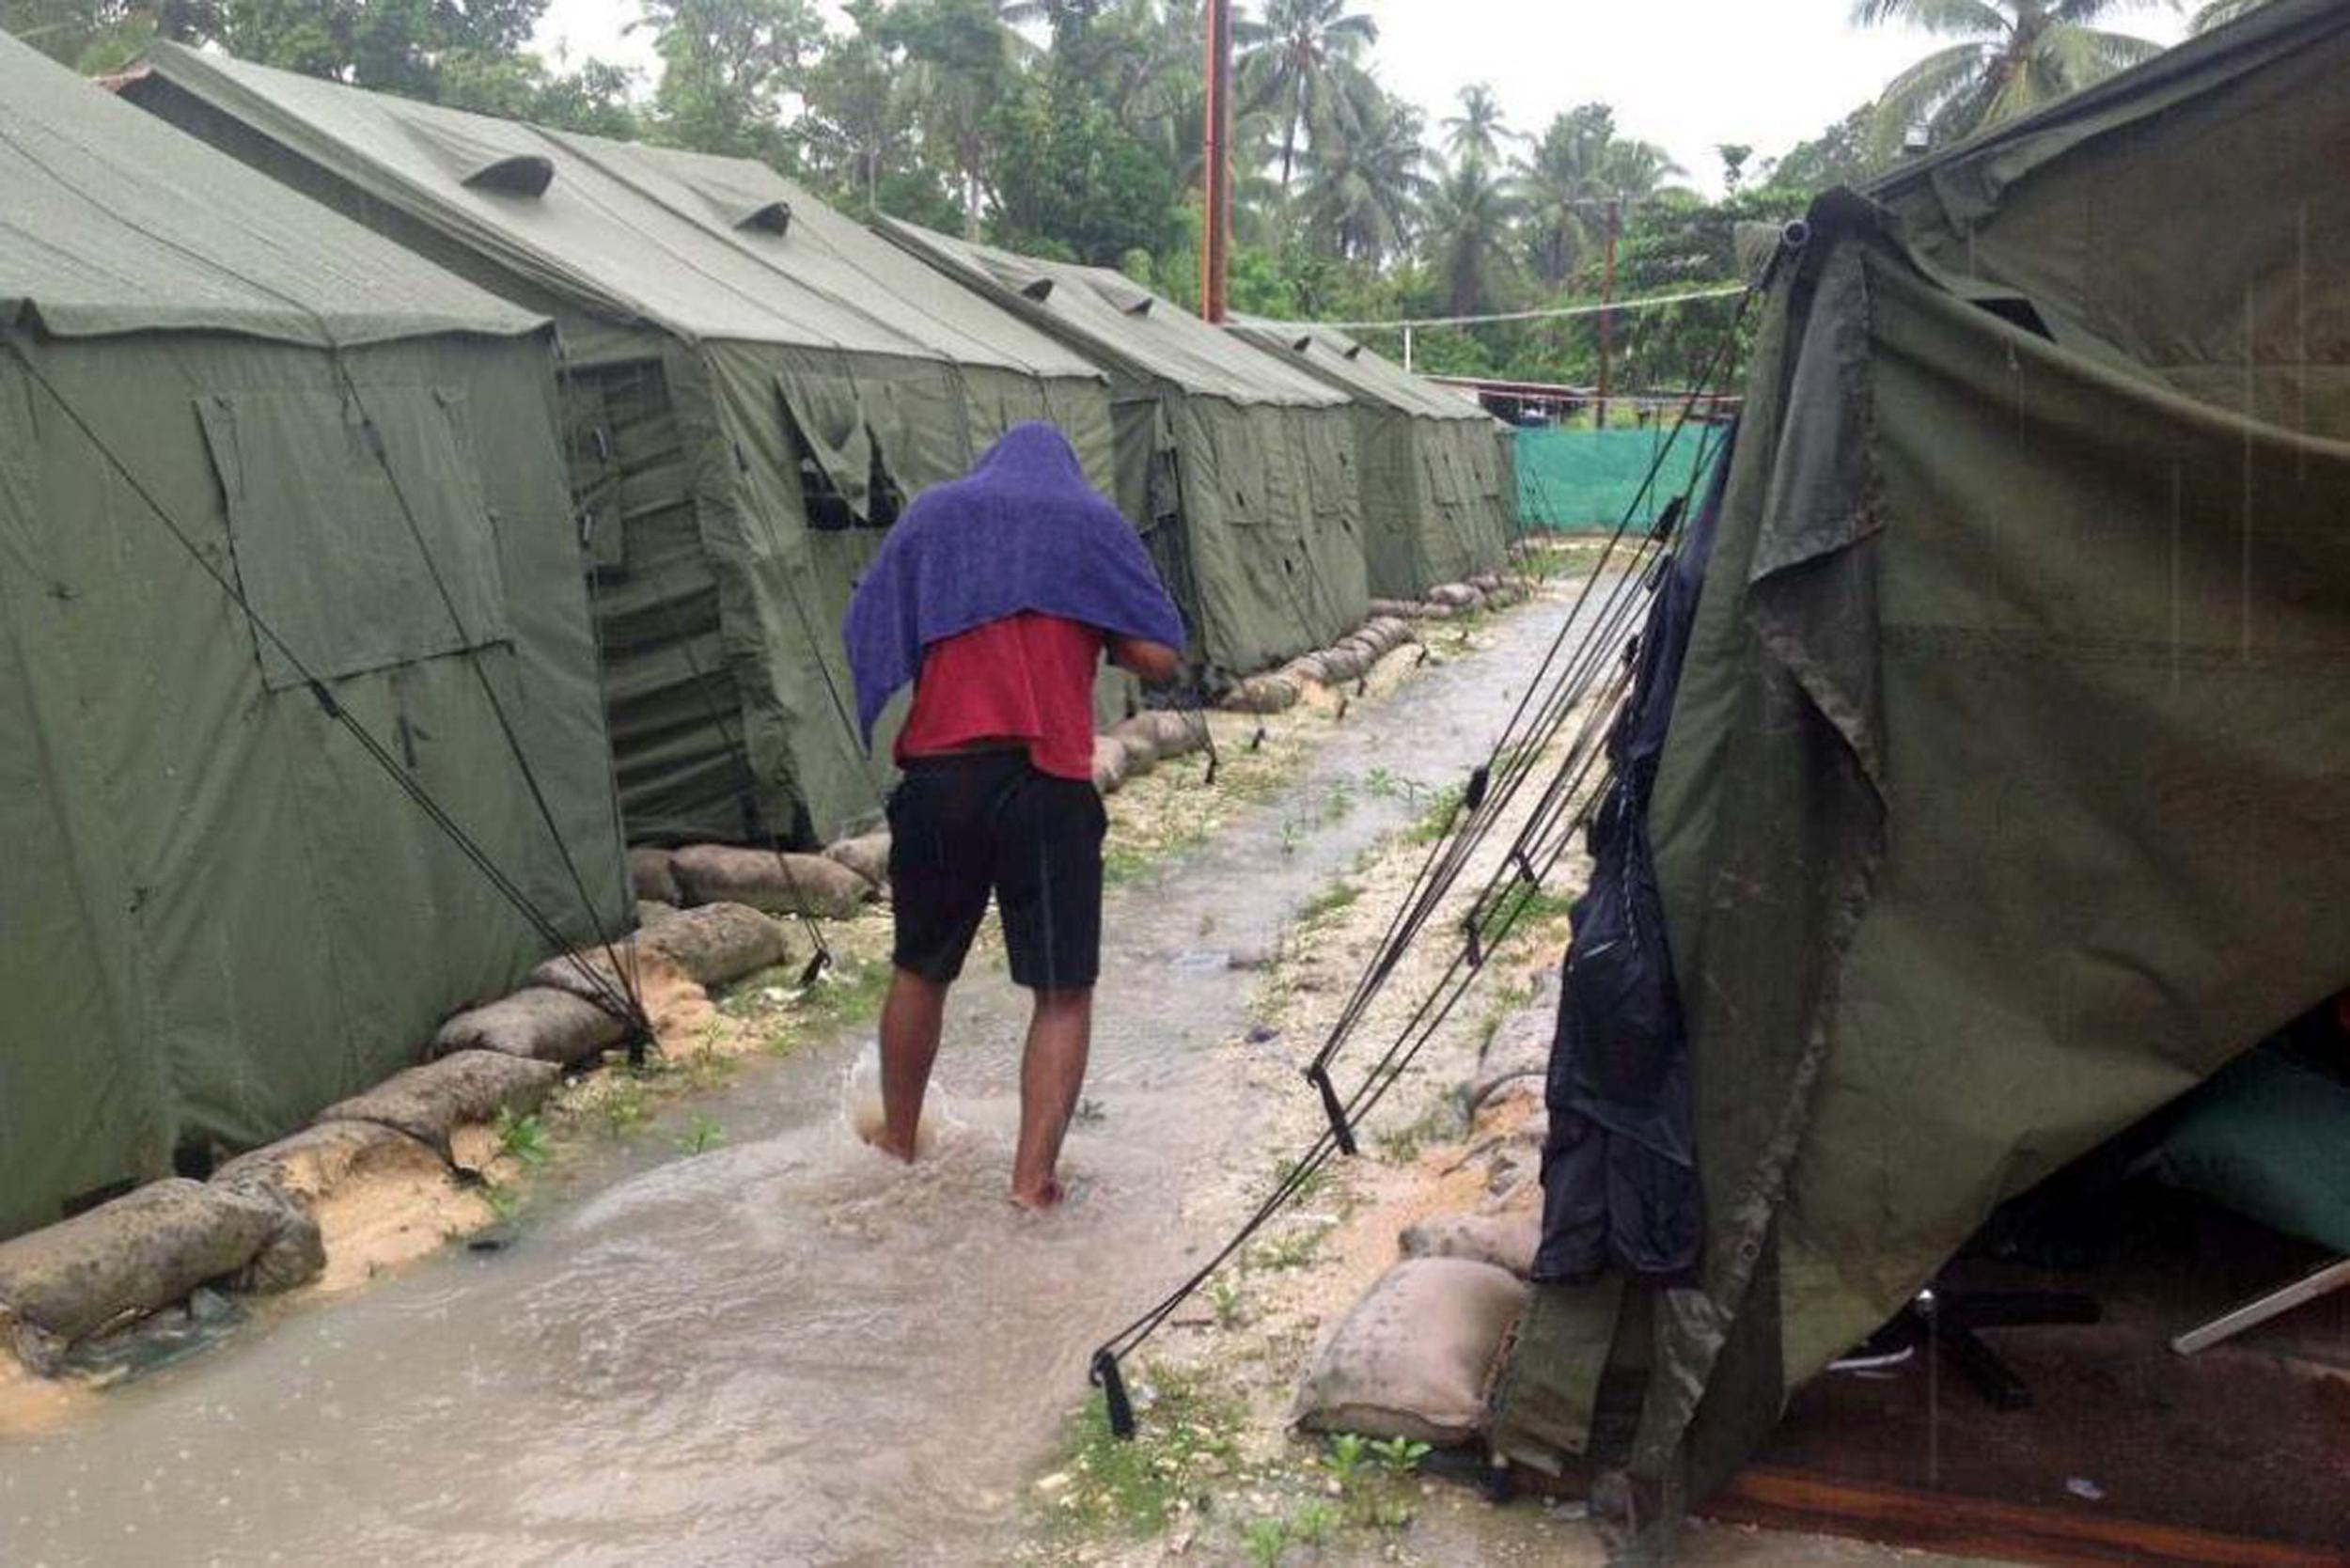 Papouasie: un demandeur d'asile risque d'être inculpé après avoir tenté de se suicider